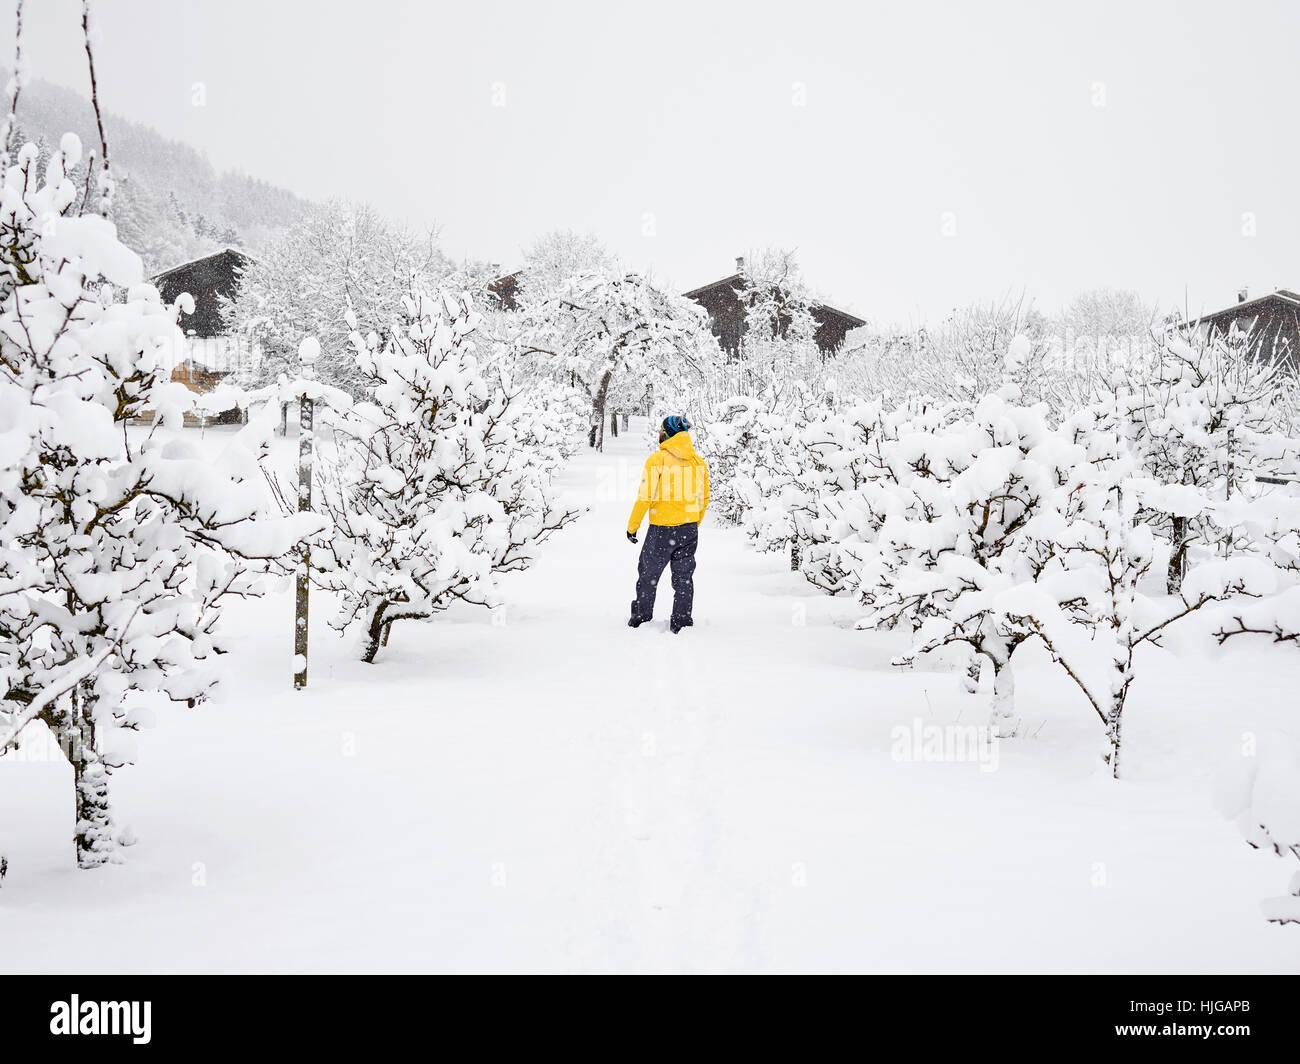 Mann mit gelben Winterjacke im Obstgarten, Winter, Schnee, Kolsass, Tirol, Österreich Stockbild